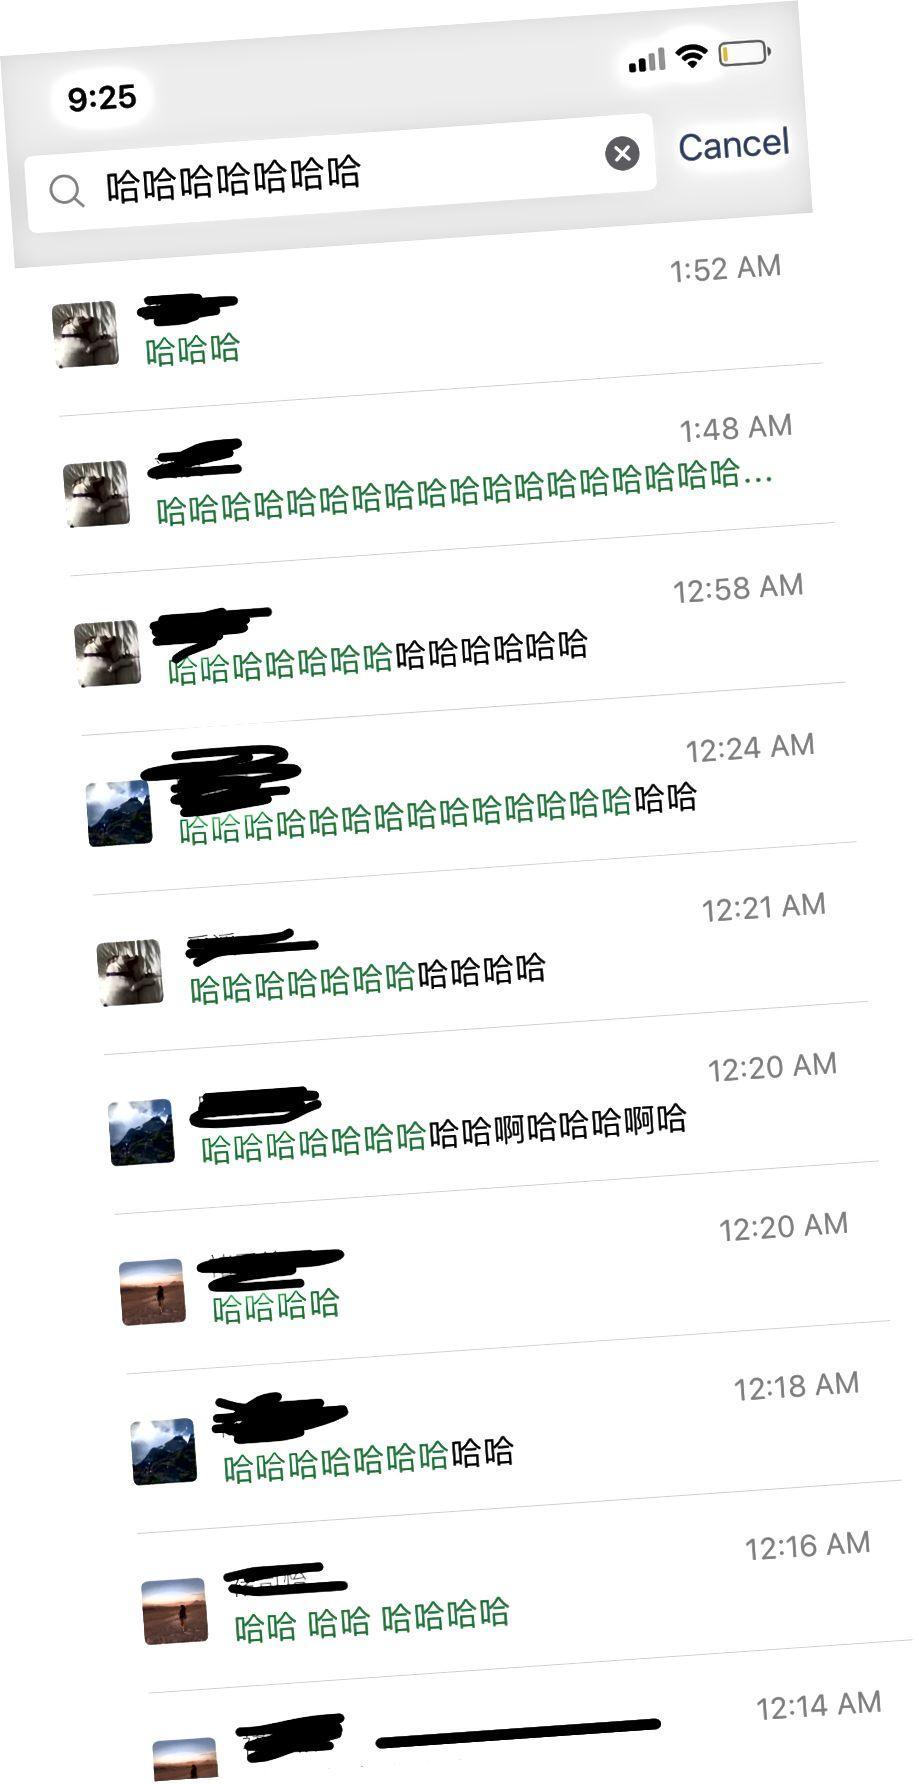 ການຄົ້ນຫາໃນປະຫວັດການສົນທະນາຂອງກຸ່ມ WeChat ກັບ ໝູ່ ສອງຄົນຂອງຂ້ອຍ. ຖ້າທ່ານອ່ານພາສາຈີນ, ທ່ານສາມາດເຫັນໄດ້ວ່ານອກ ເໜືອ ຈາກການໃຫ້ການສະ ໜັບ ສະ ໜູນ ທາງດ້ານອາລົມ, ພວກເຮົາກໍ່ໃຫ້ ກຳ ລັງໃຈກັນ, ເວລາໃຫຍ່. (ສຳ ລັບພວກທ່ານທີ່ບໍ່ໄດ້ອ່ານພາສາຈີນ, ໝາຍ ຄວາມວ່າ